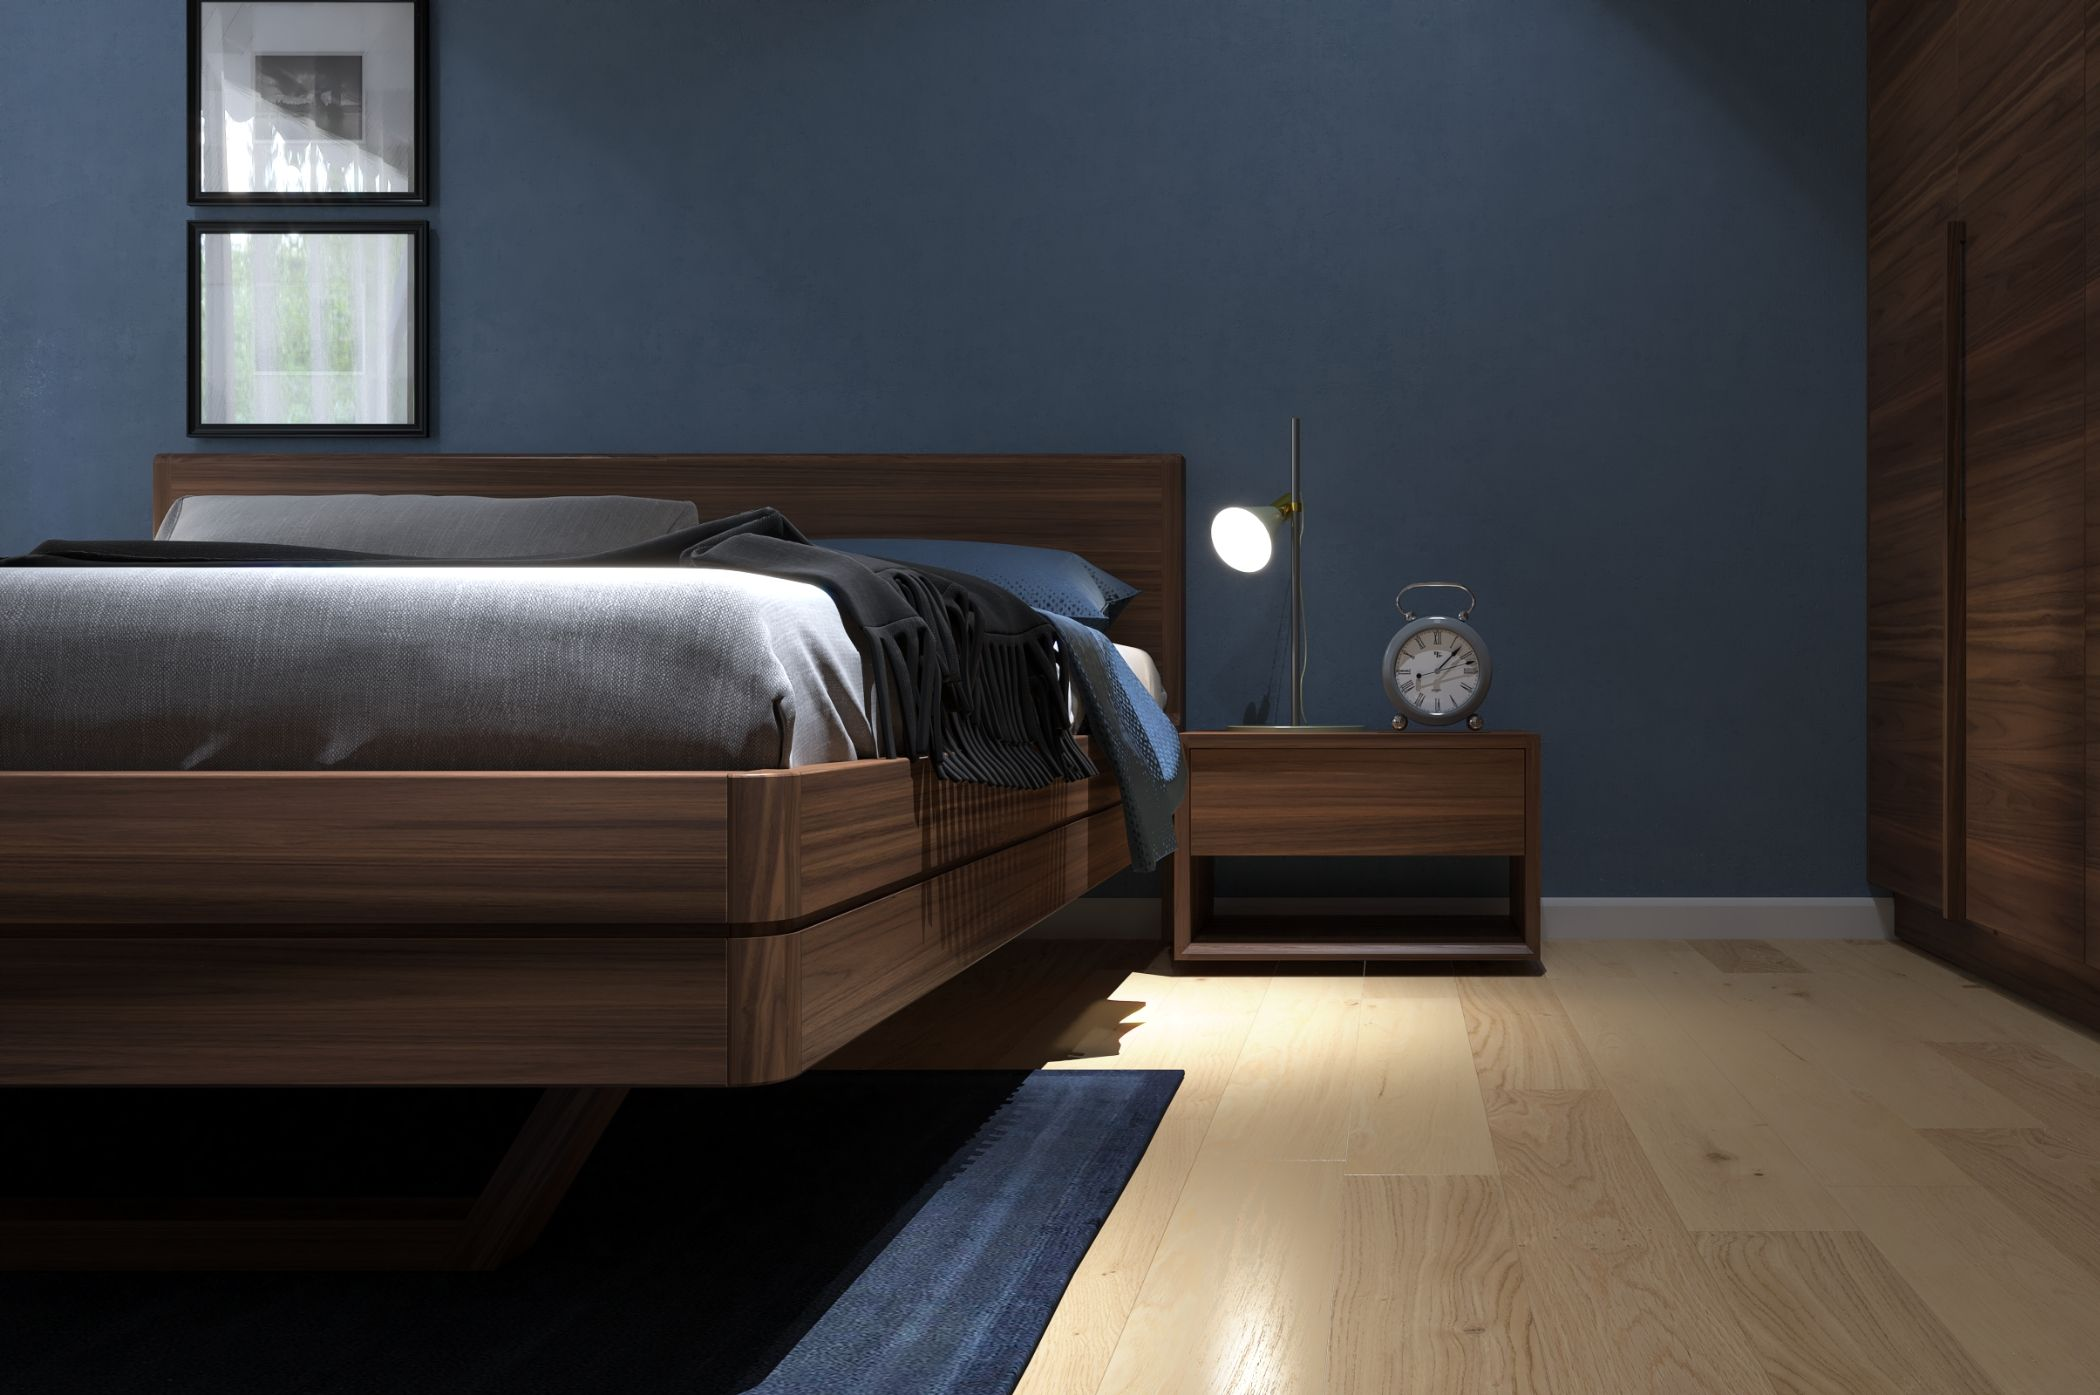 Thiết kế nội thất căn hộ Palm Heights 3 Phòng ngủ theo phong cách hiện đại